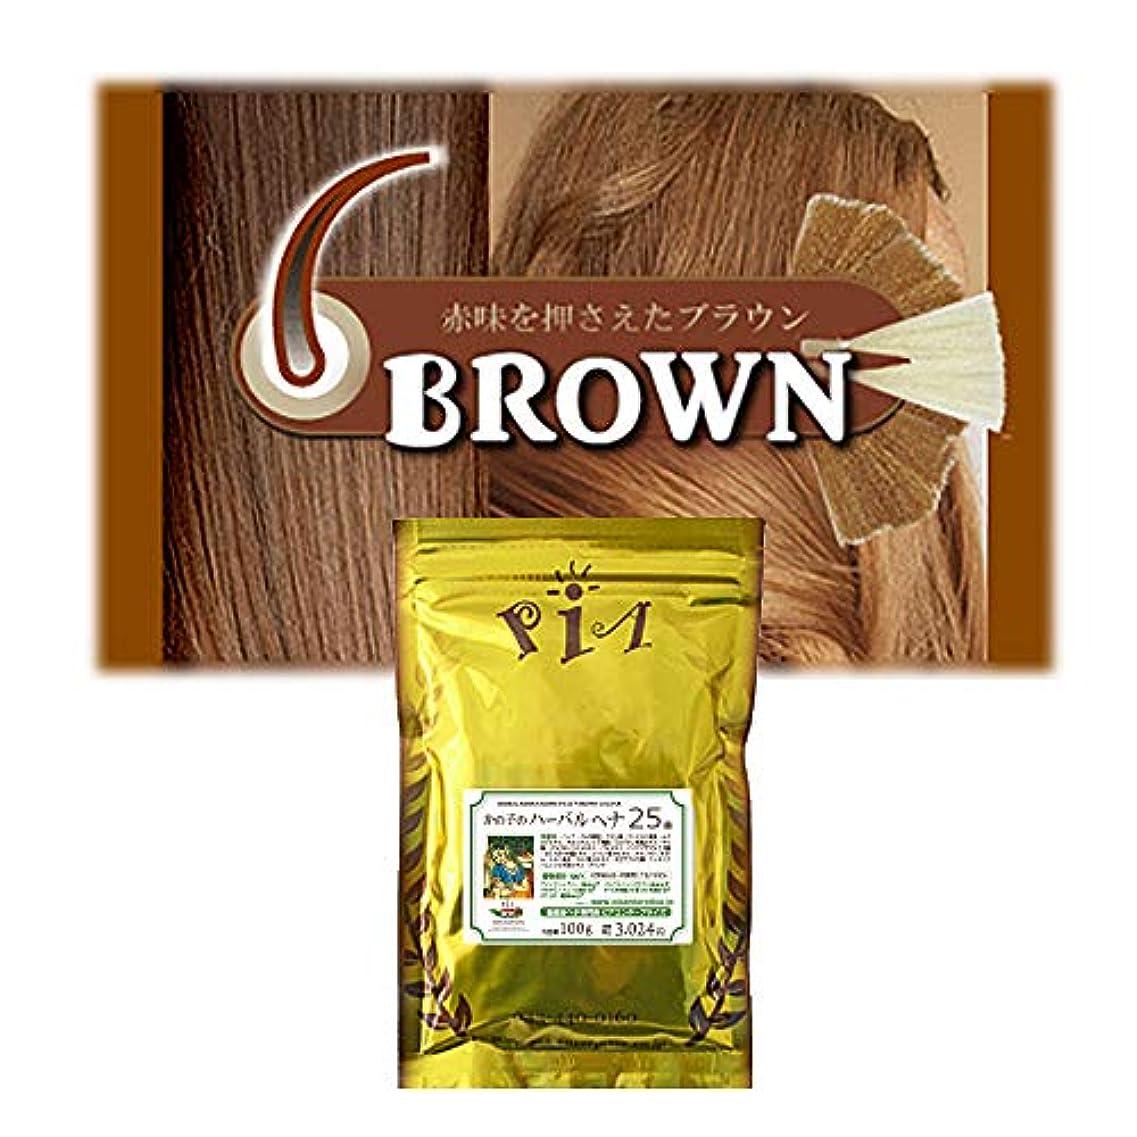 カウンタトラフィック主婦【ヘナ】 かの子のハーバルヘナ25番 (色:ブラウン Brown )単品 ハケブラシはついておりません。